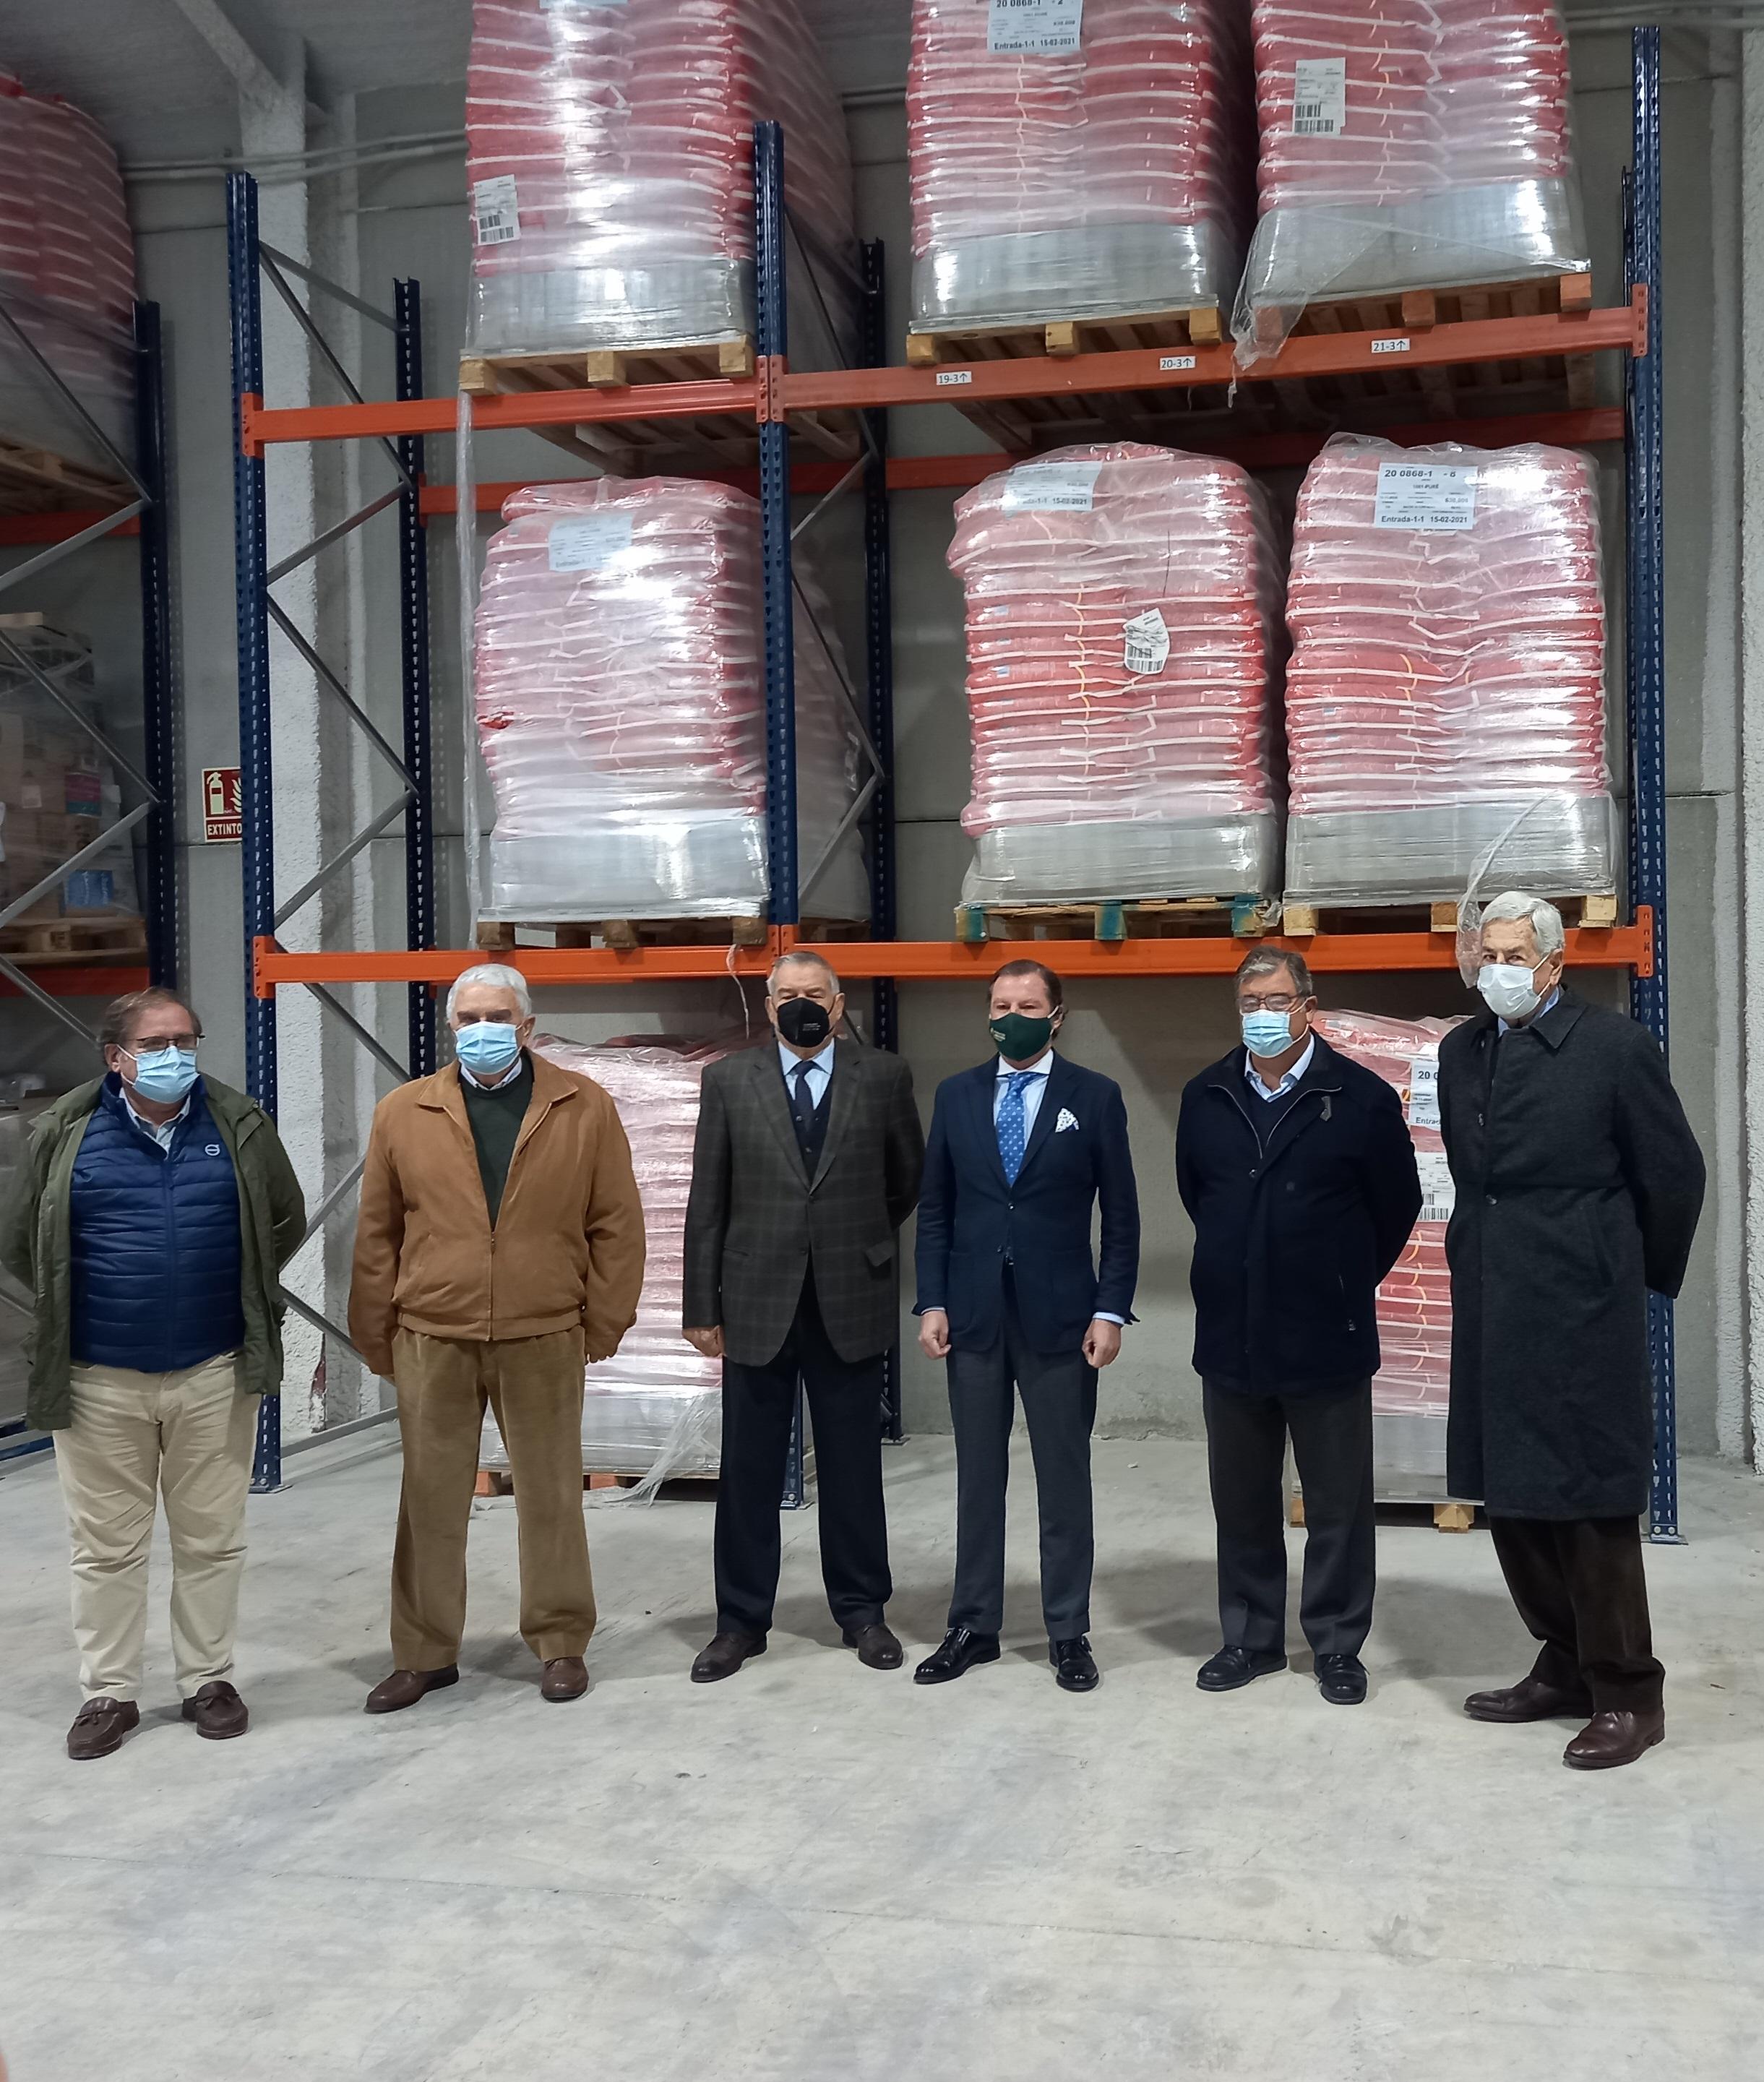 ABC Sevilla: Los arroceros sevillanos donarán mensualmente 4000 kilos de arroz durante un año al banco de alimentos de Sevilla